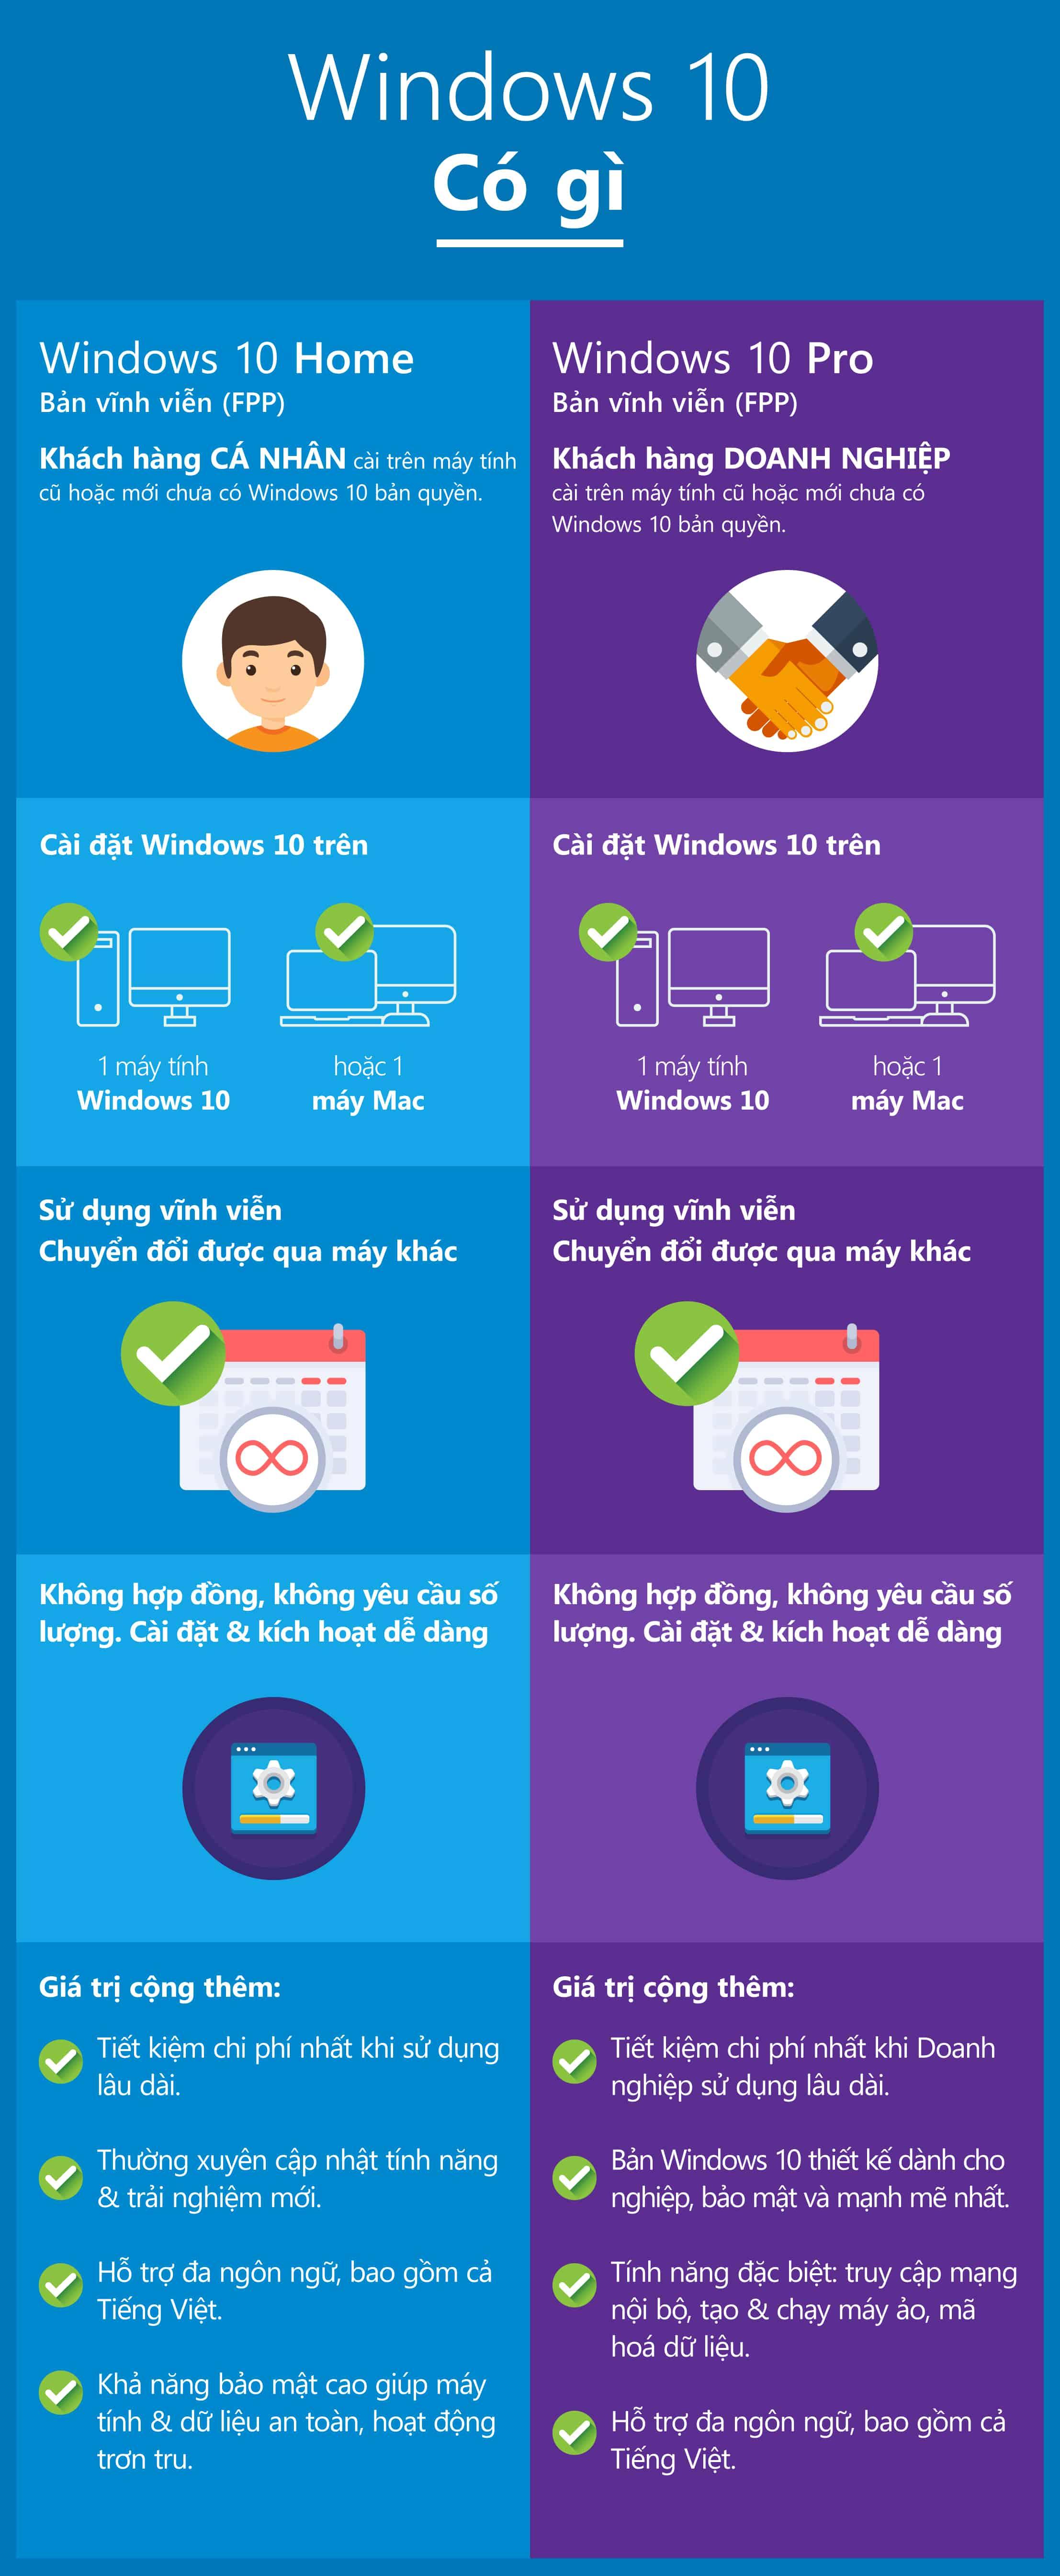 So sánh Windows 10 Home vs Windows 10 Pro FPP - bản vĩnh viễn, chuyển đổi được.